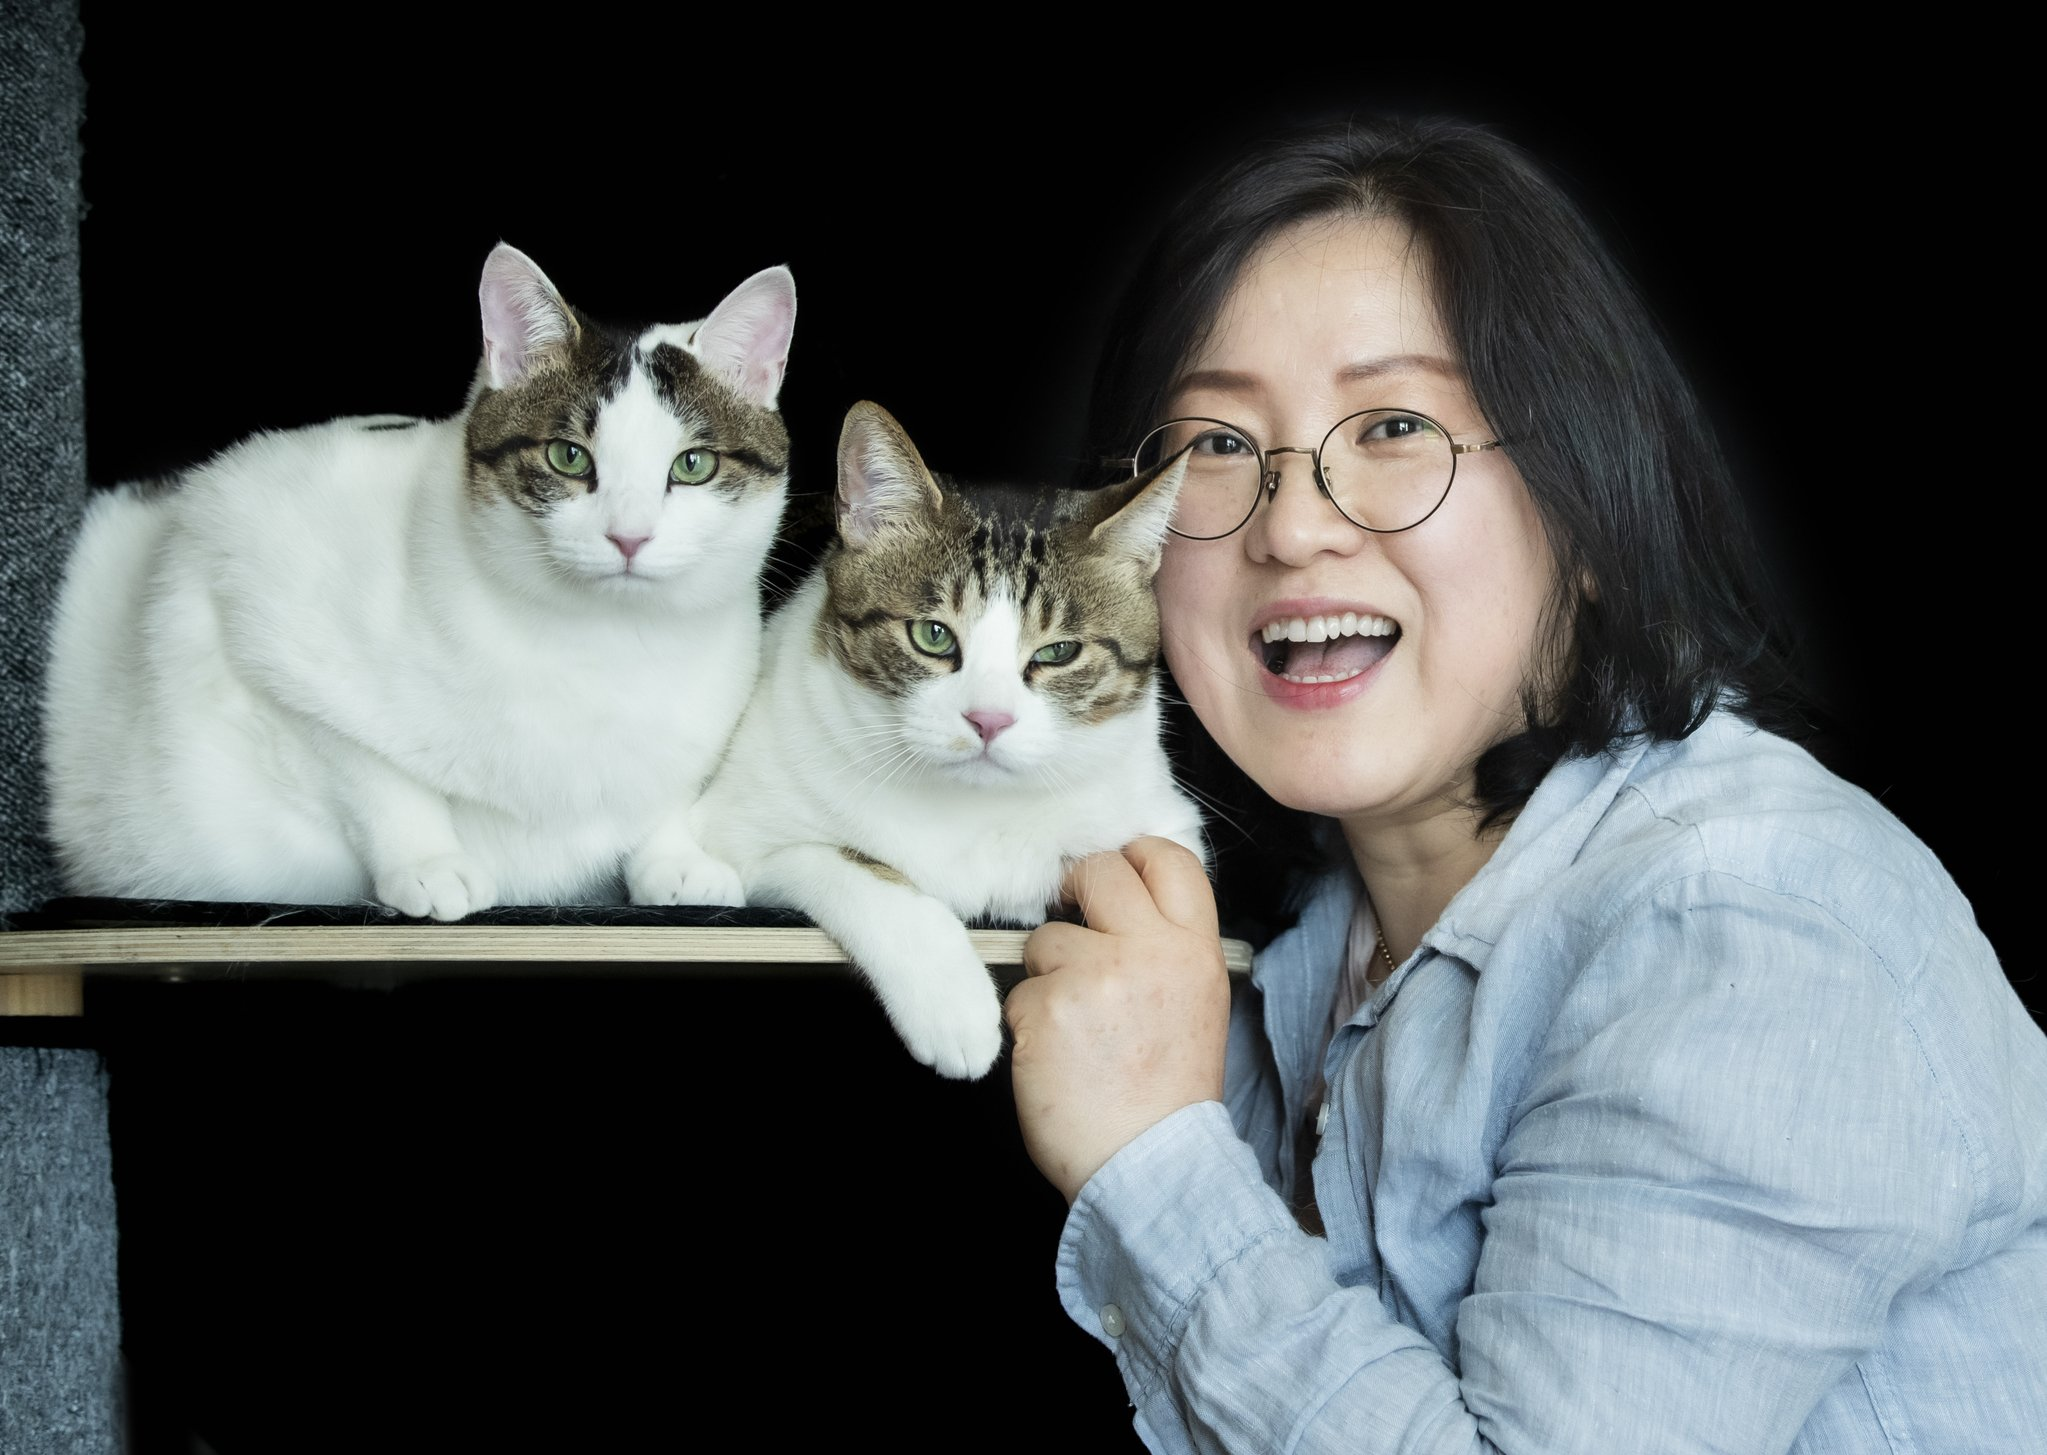 화니와 밤비와 나란히 포즈를 취한 박전애 씨는 이 사진 촬영 후 ″기적이 이루어졌다″고 말했습니다. 권혁재 사진전문기자